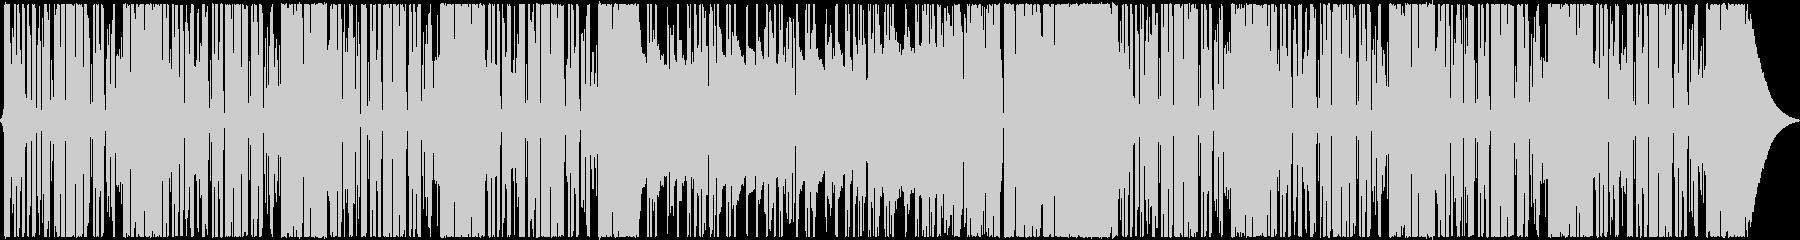 シンプルで明るいフューチャーベースEDMの未再生の波形